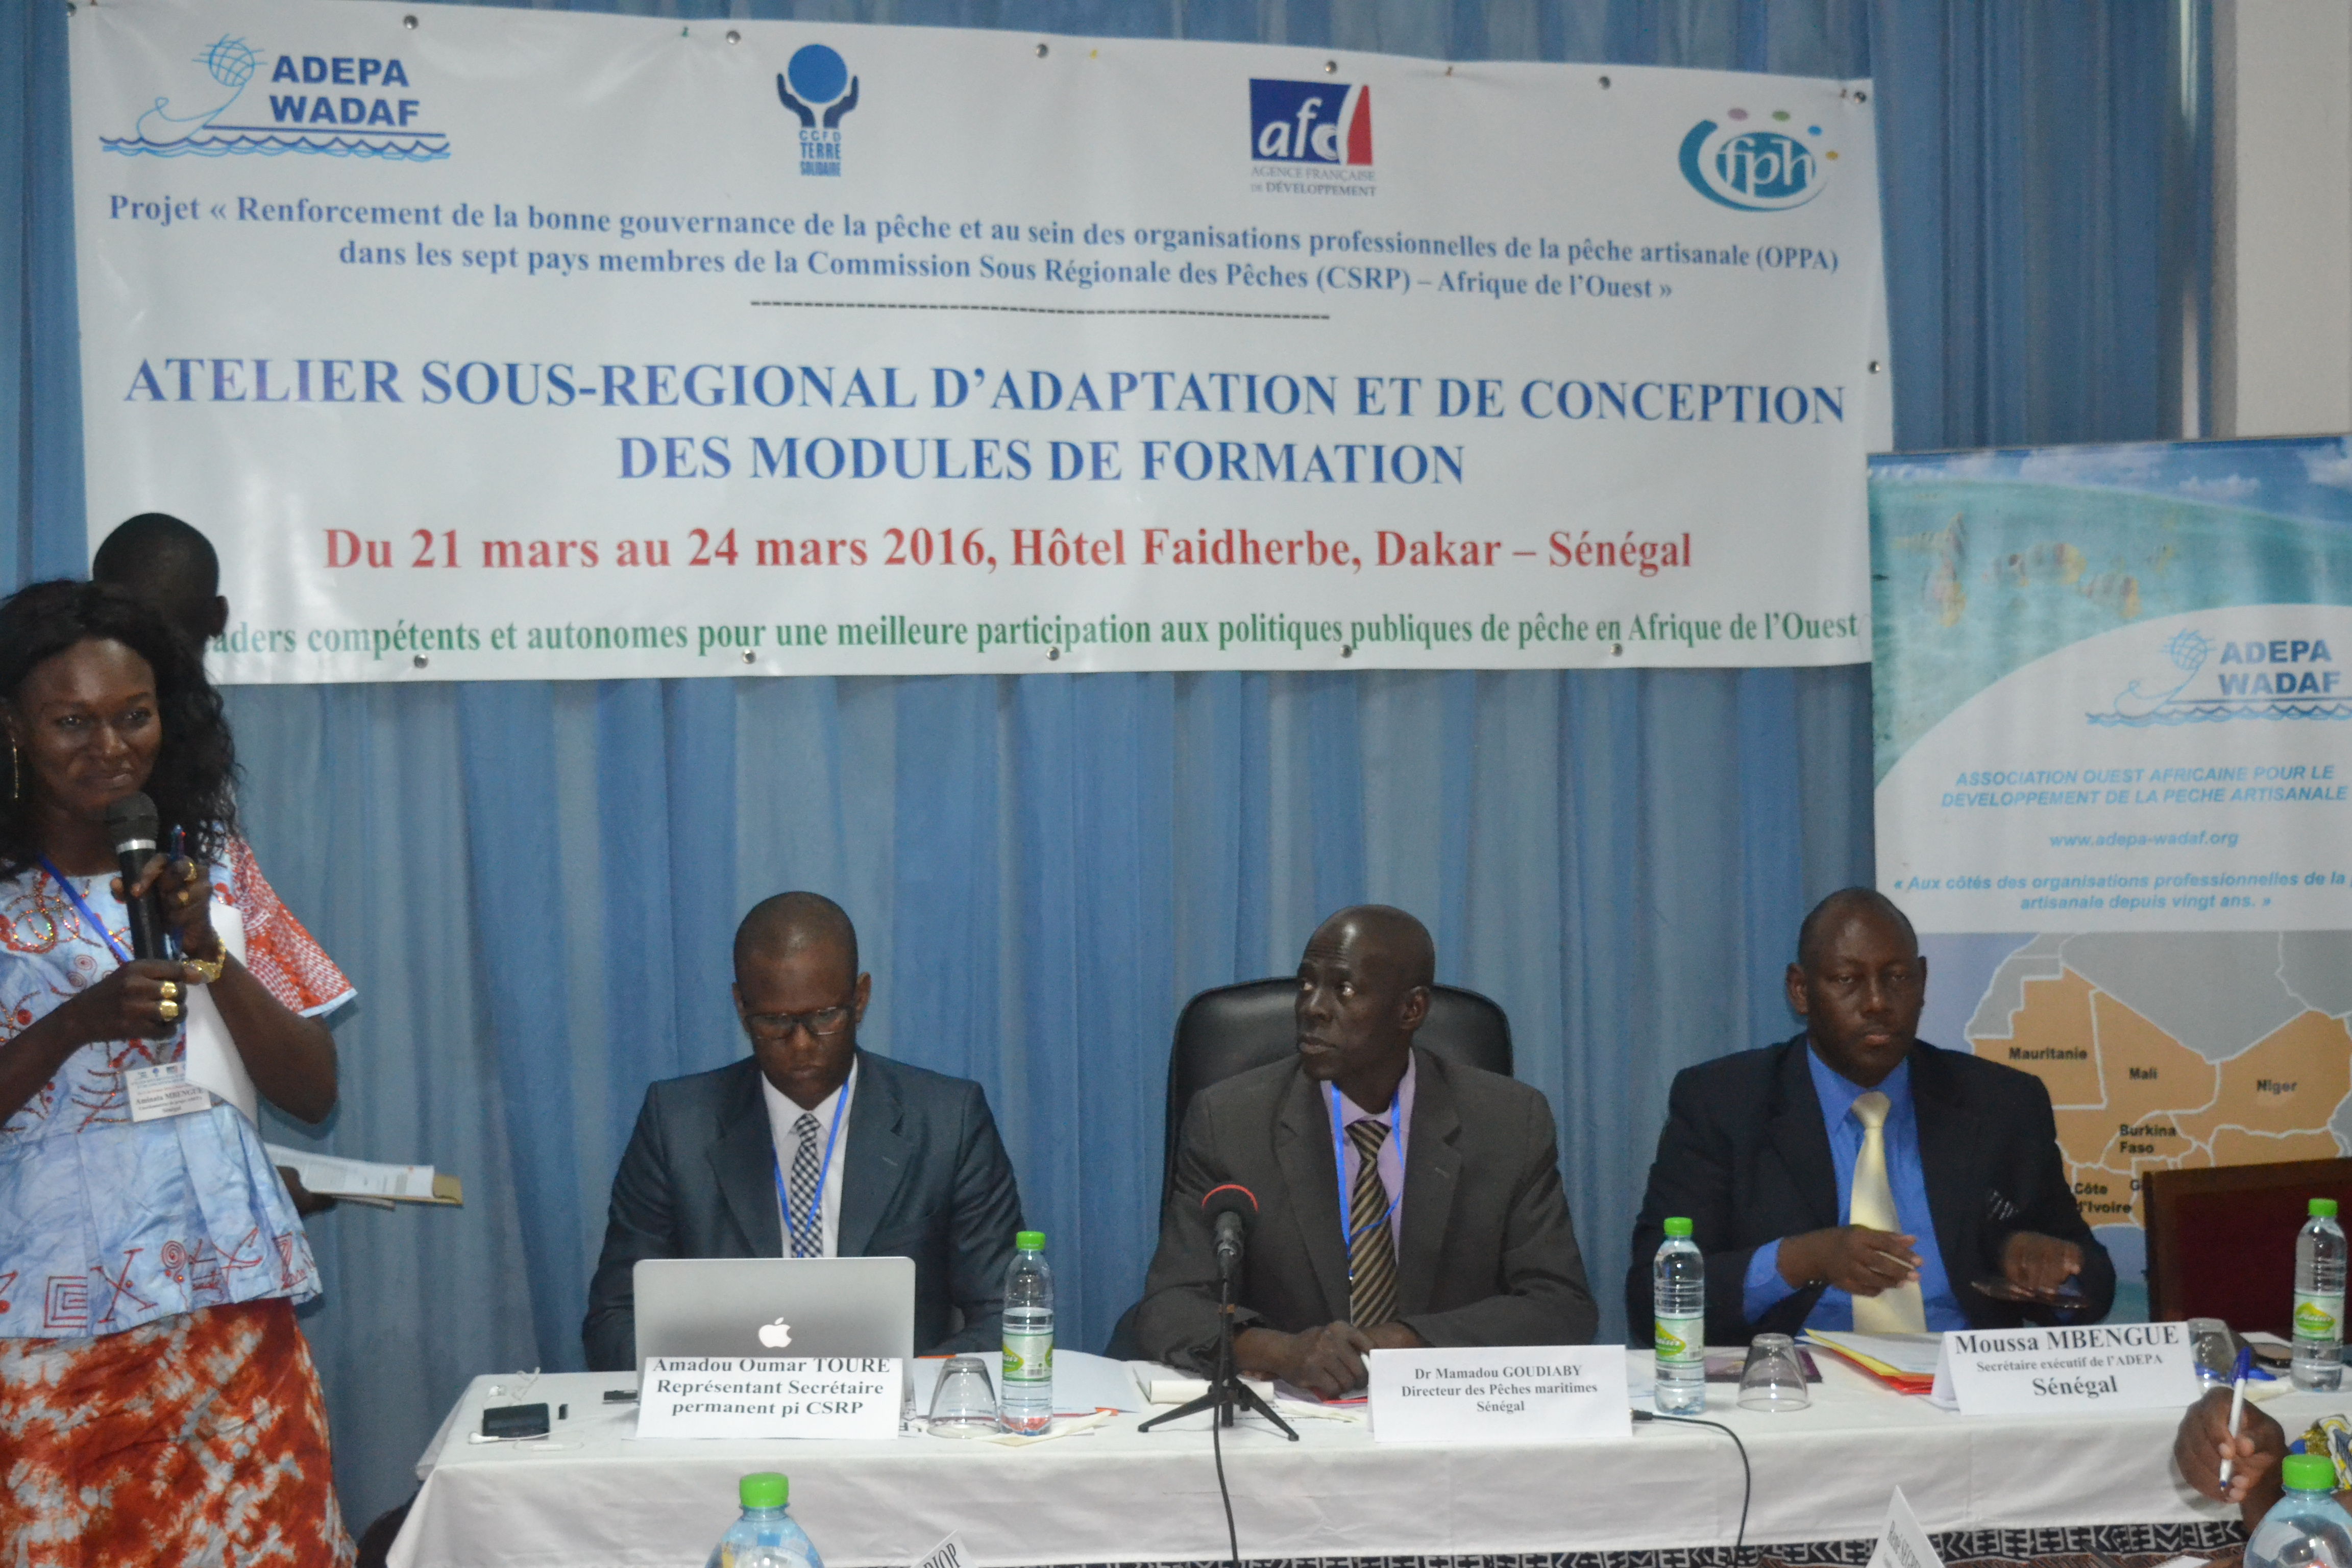 L'ADEPA opte pour la bonne gouvernance de la pêche au sein des organisations professionnelles